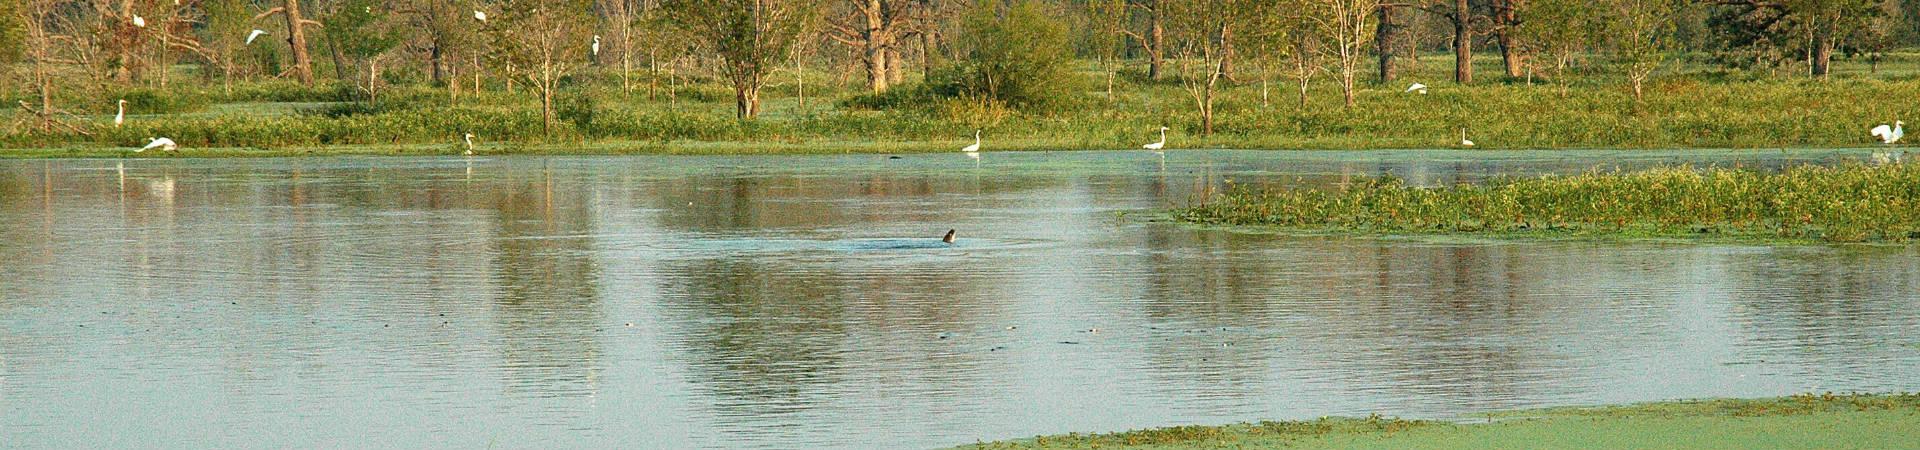 Wetlands-gator-DSC_0056